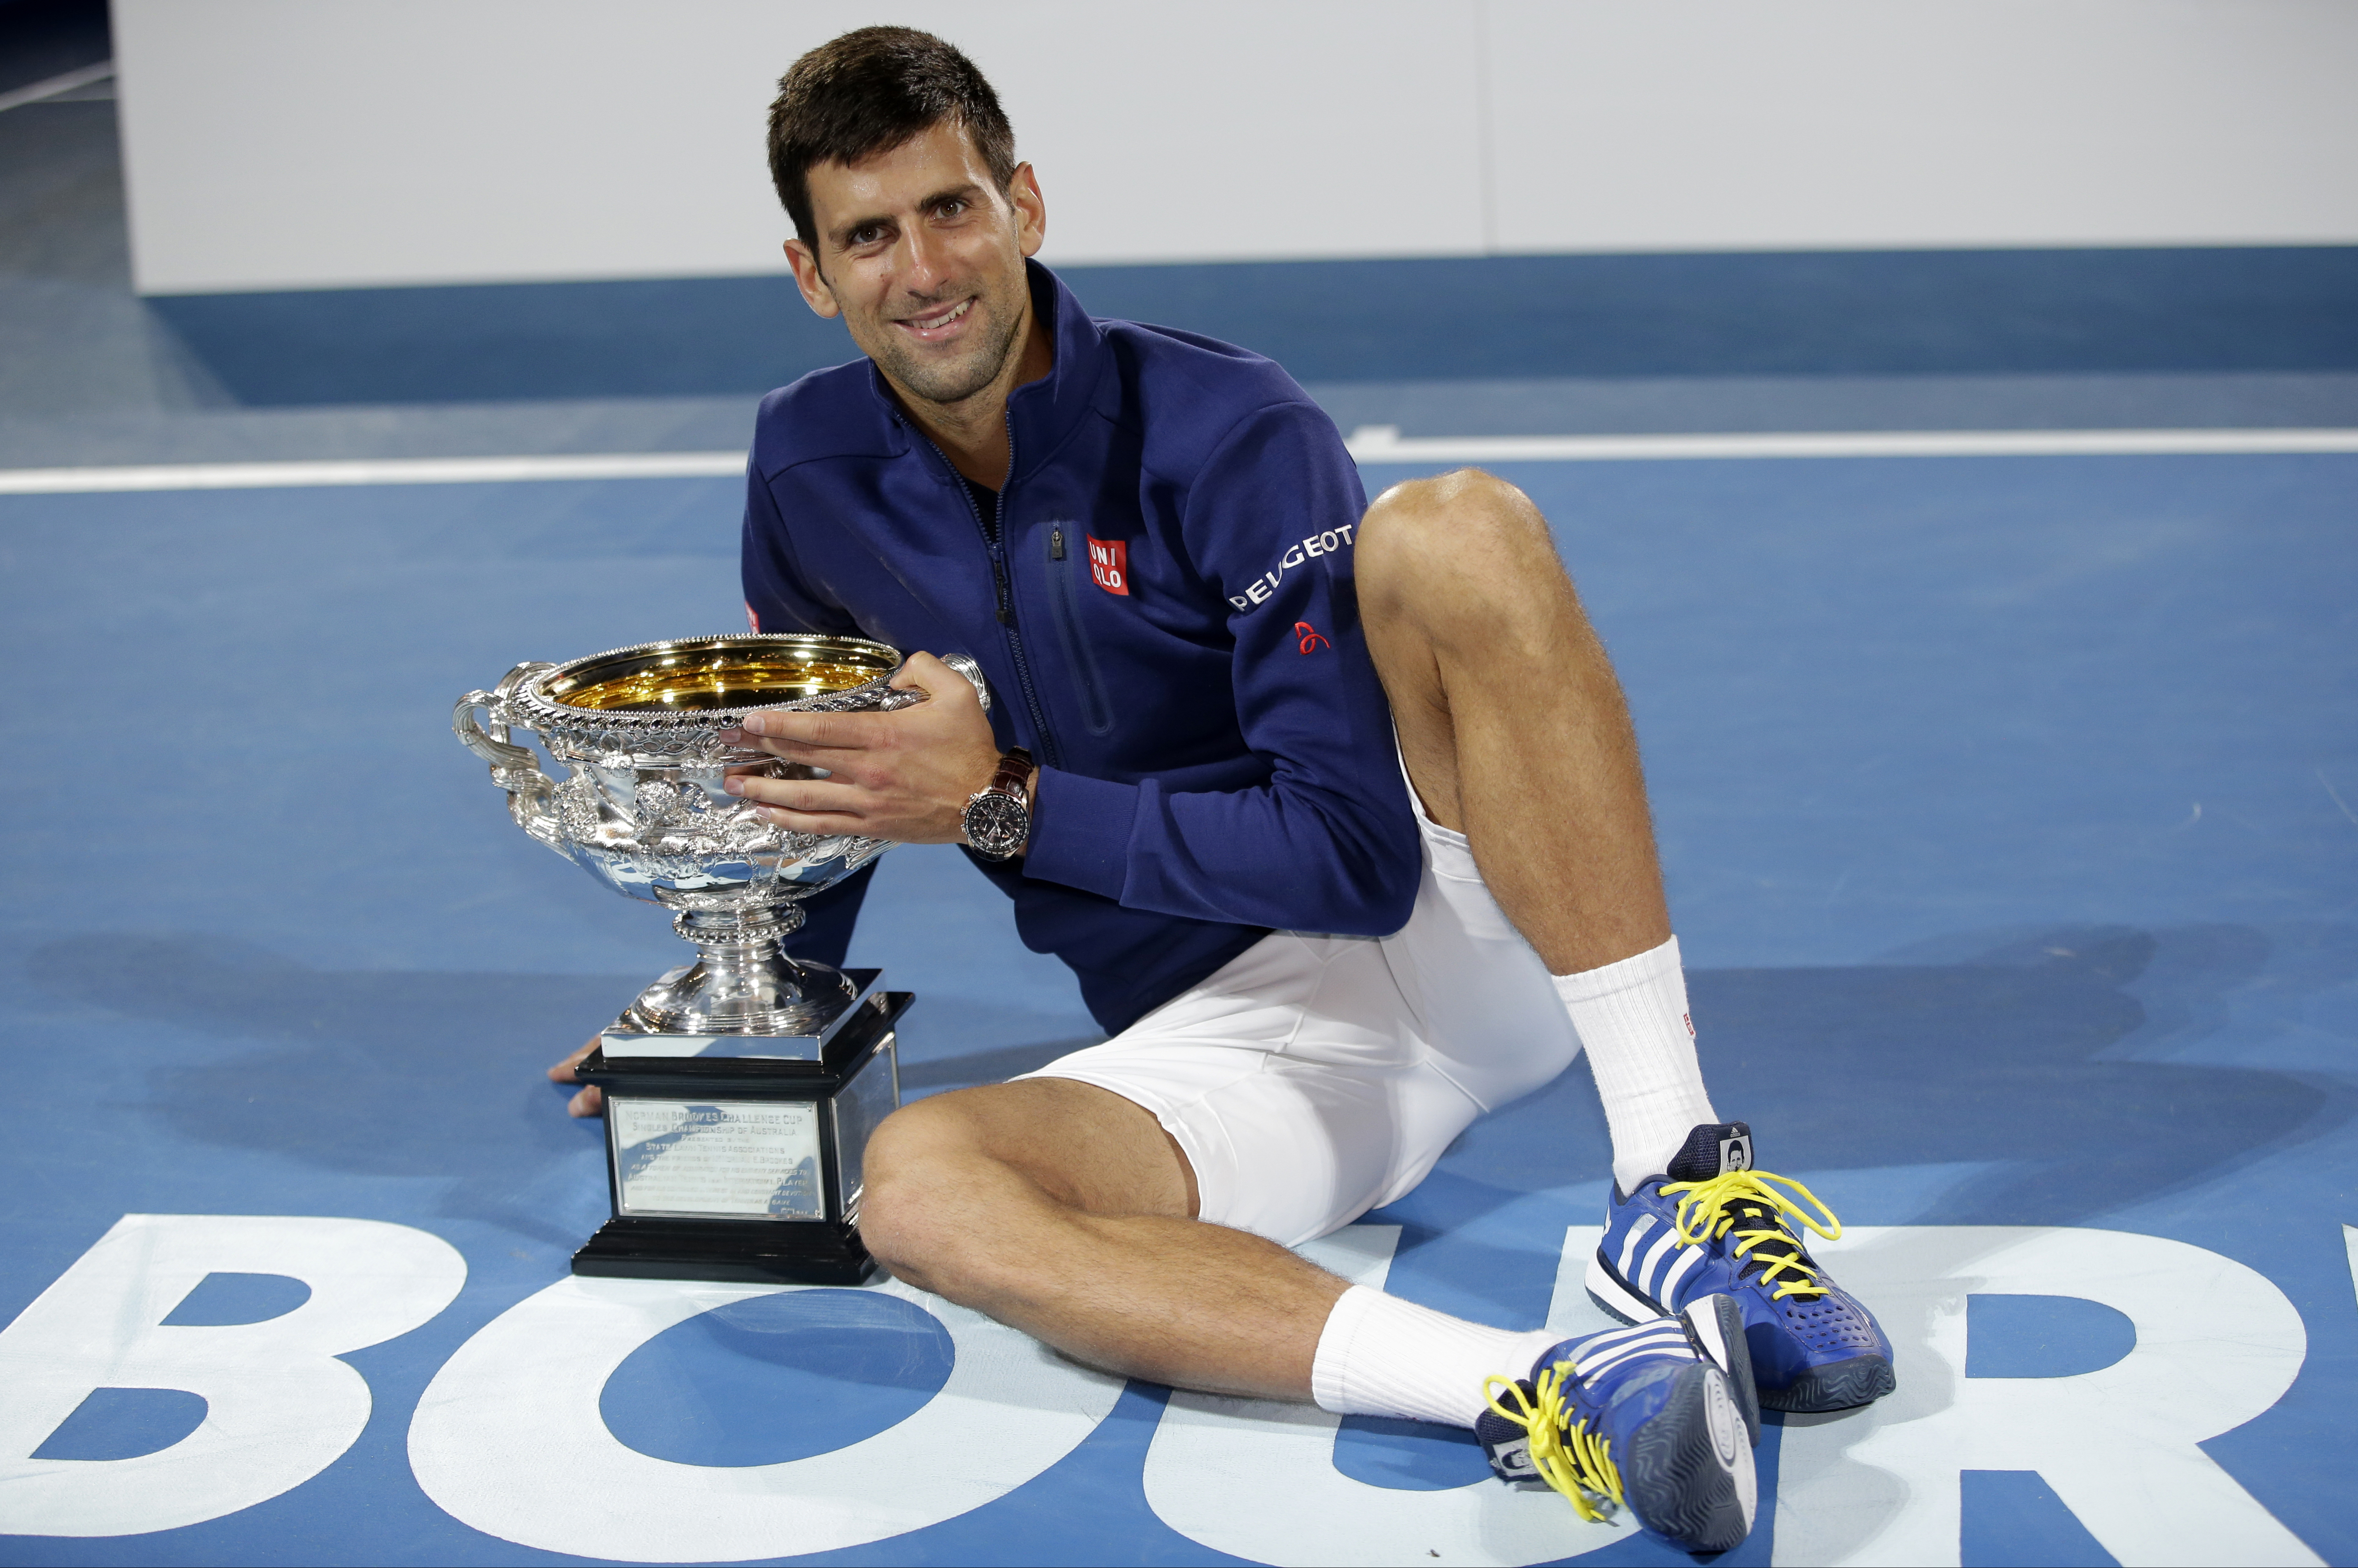 australian_open_tennis196292320531_r6291.jpg